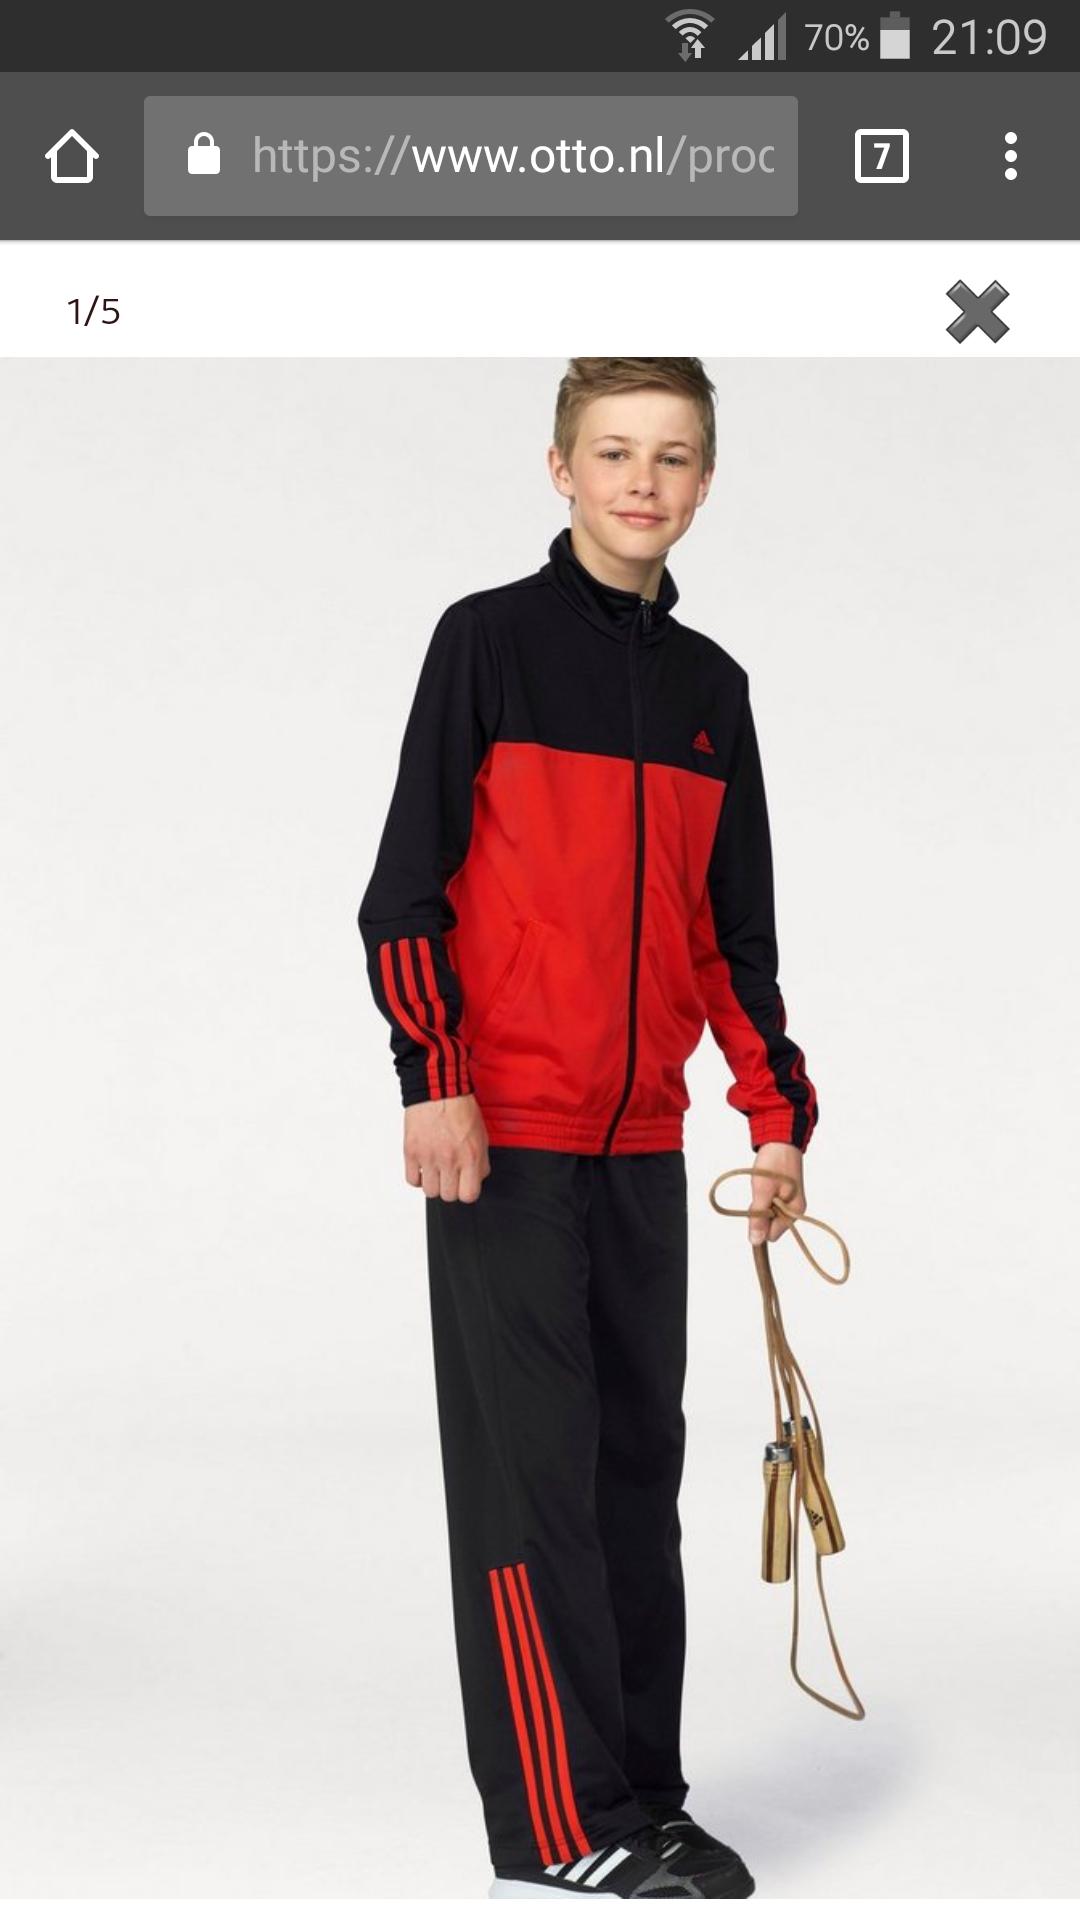 Otto.nl: Adidas Trainingspak voor kinderen @ Otto